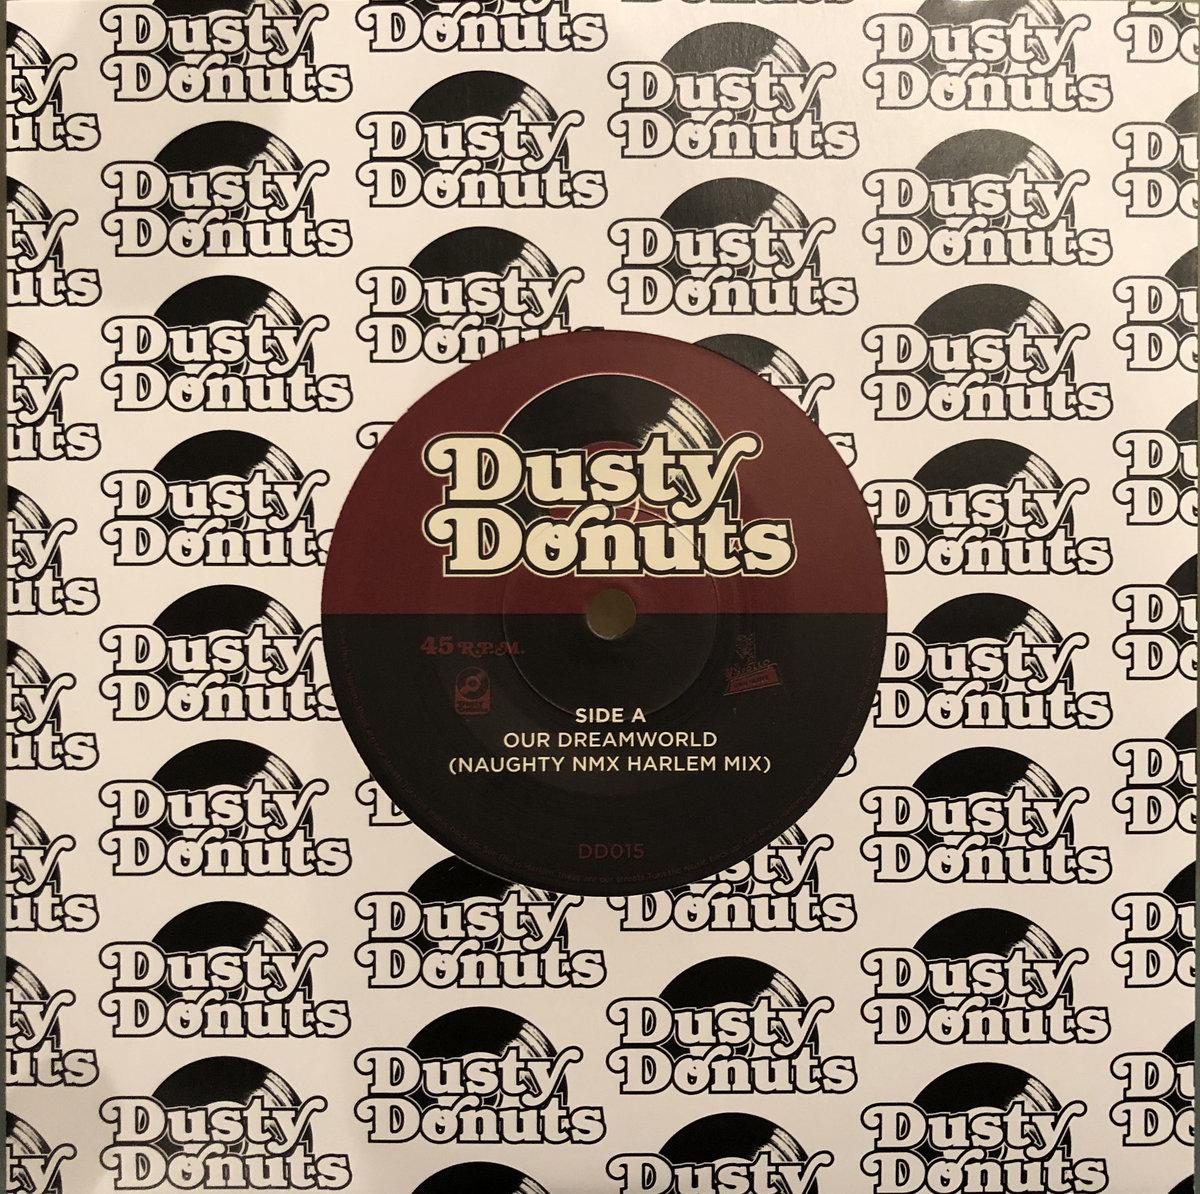 Busty Dusty Nude Photos 100